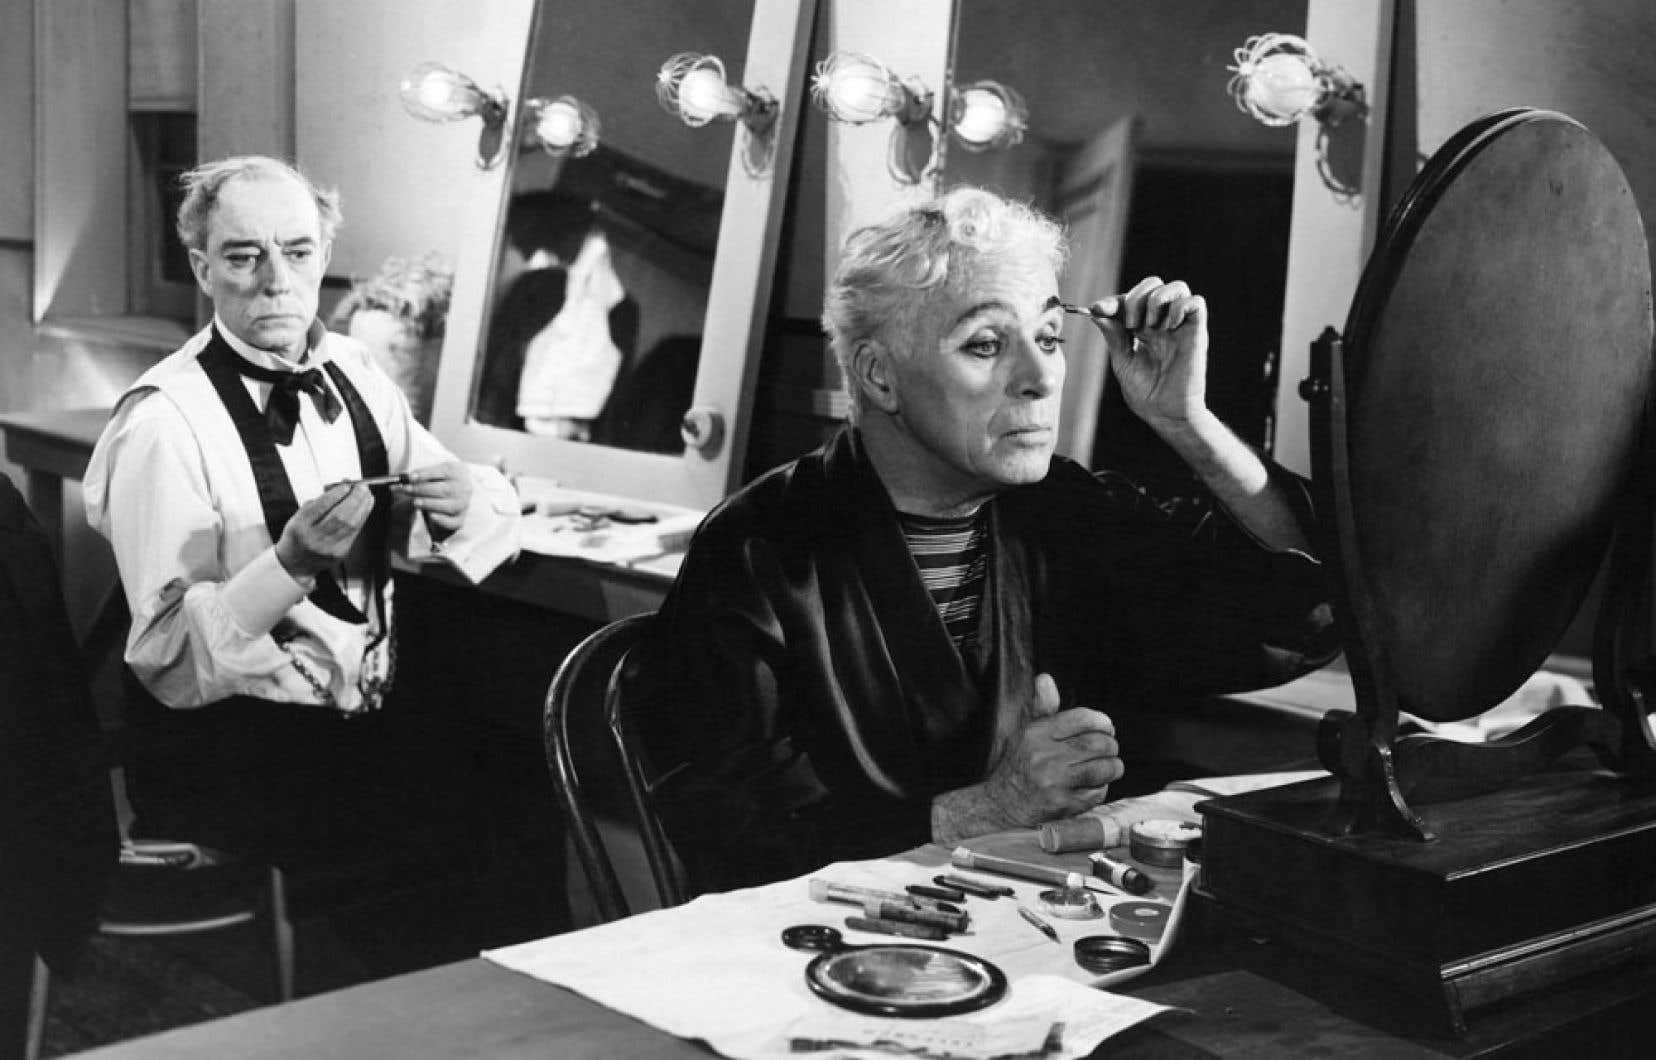 Un roman de Charlie Chaplin, le seul qu'il ait écrit dans toute sa carrière, a été édité par la Cinémathèque de Bologne à l'occasion des 100 ans de la naissance du personnage de Charlot. Footlights a été écrit par le réalisateur et acteur britannique en 1948, quatre ans avant le grand succès des Feux de la rampe, avec le légendaire Buster Keaton et Chaplin lui-même (notre photo), dont le scénario s'inspire du livre.